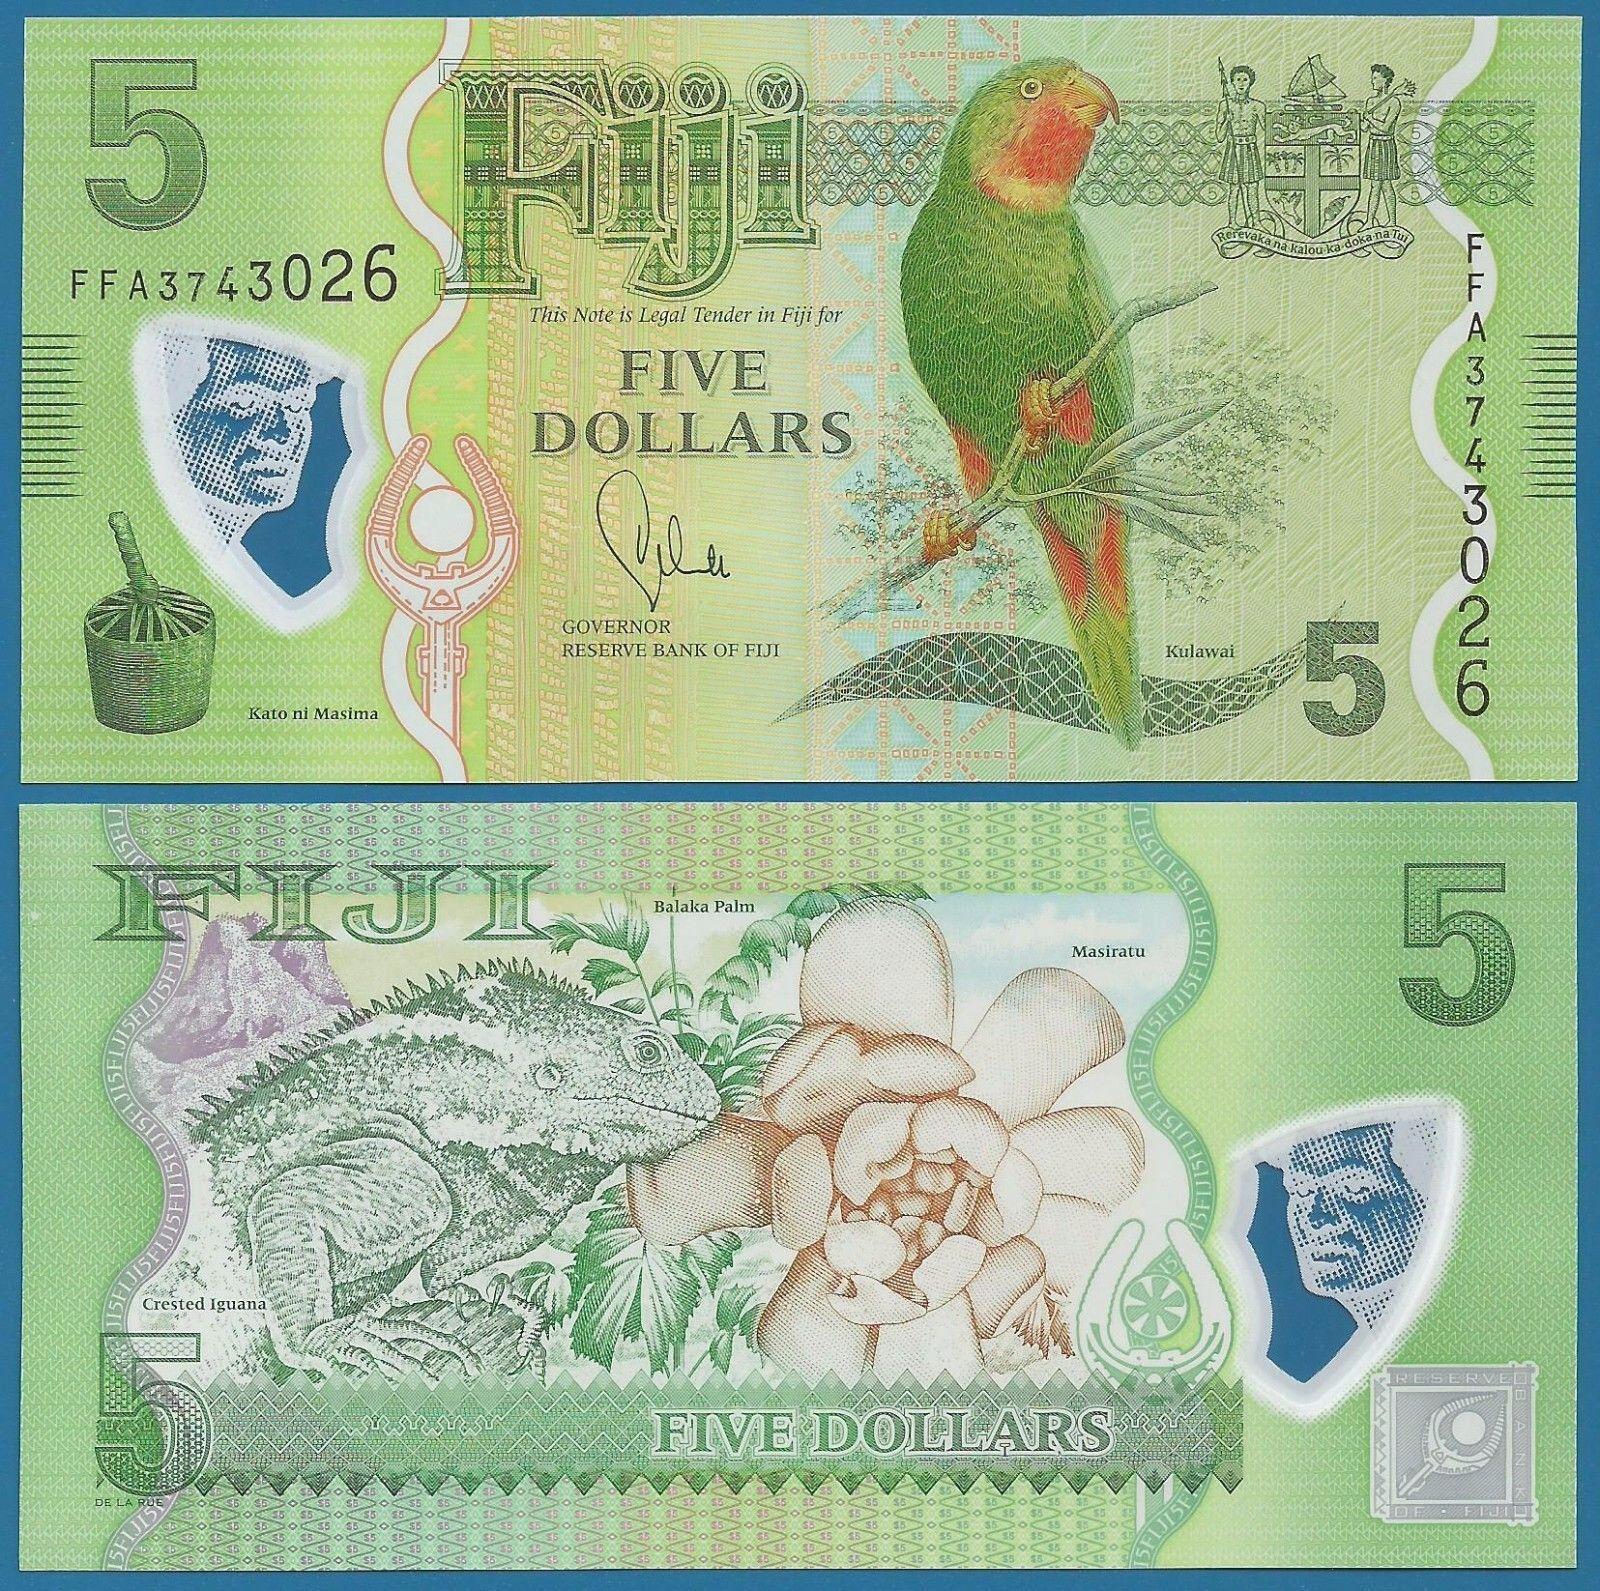 ธนบัตรประเทศ ฟิจิ ชนิดราคา 5 DOLLARS (ดอลลาร์) รุ่นปี พ.ศ.2556 (ค.ศ.2013)